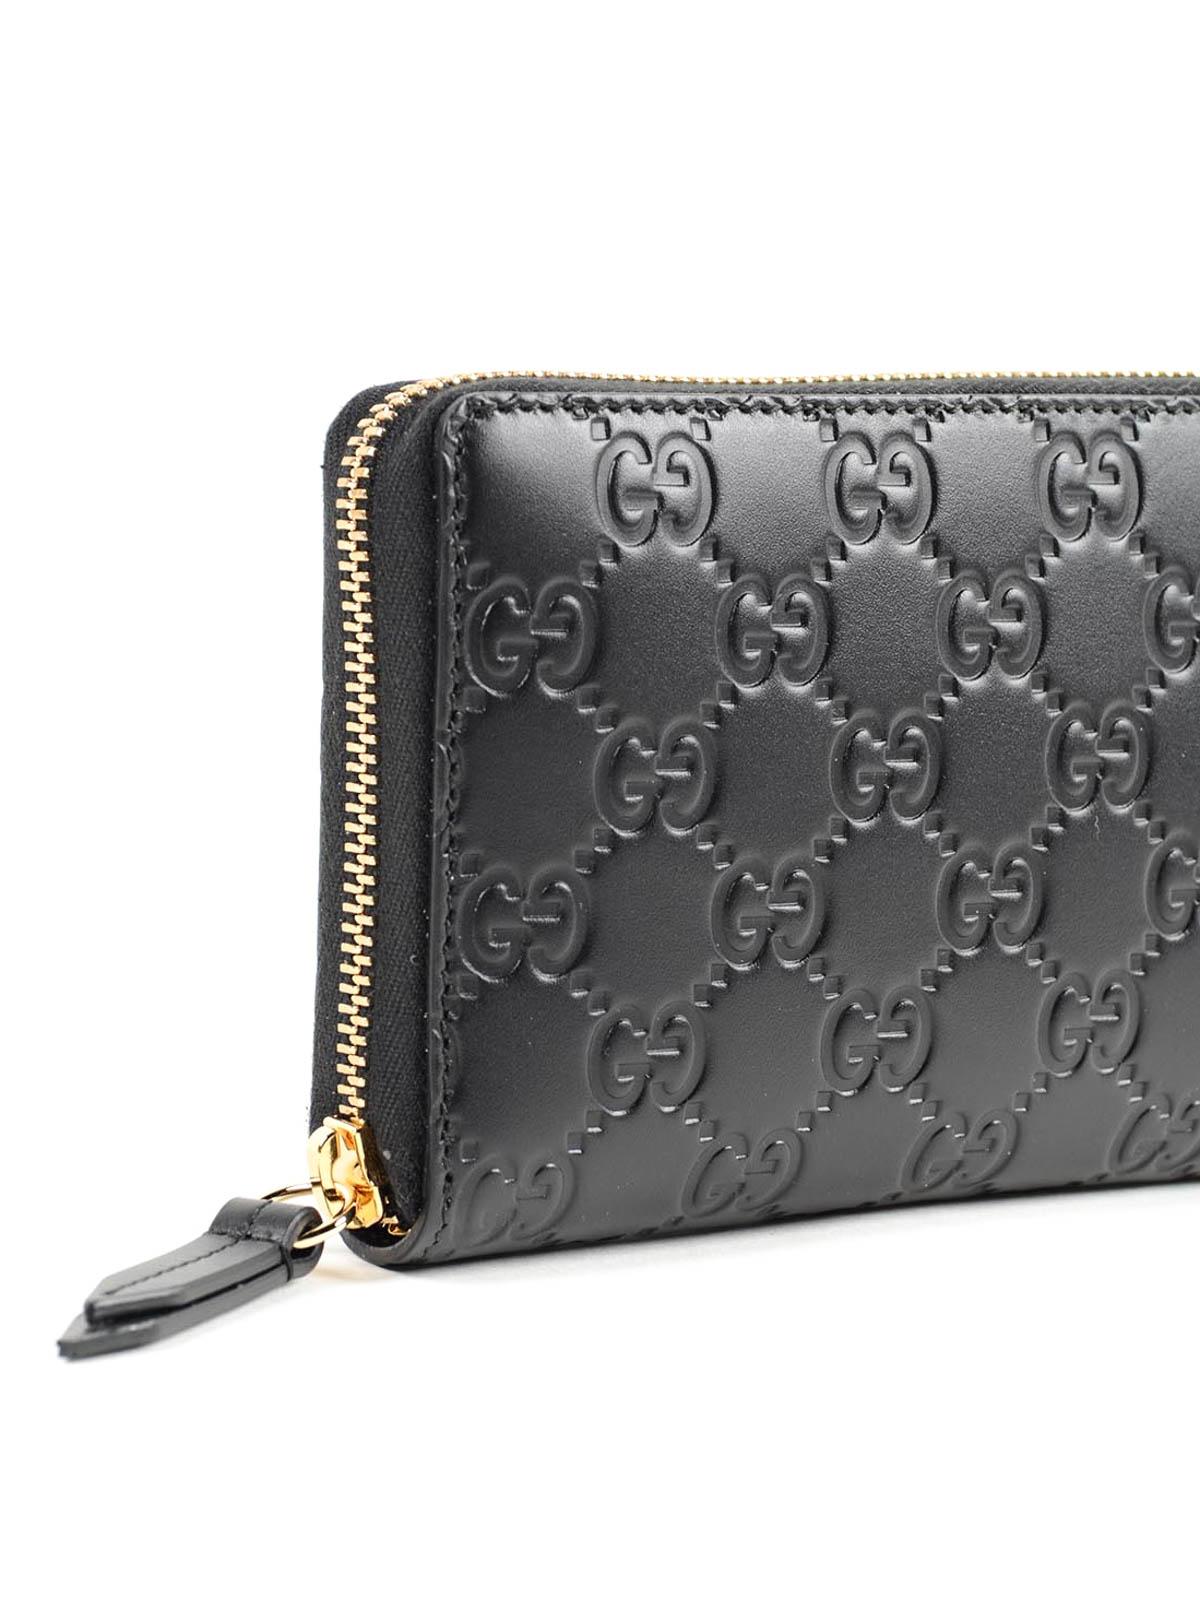 d82c264928447 Gucci - Portemonnaie Gg Signature - Schwarz - Portemonnaies und ...